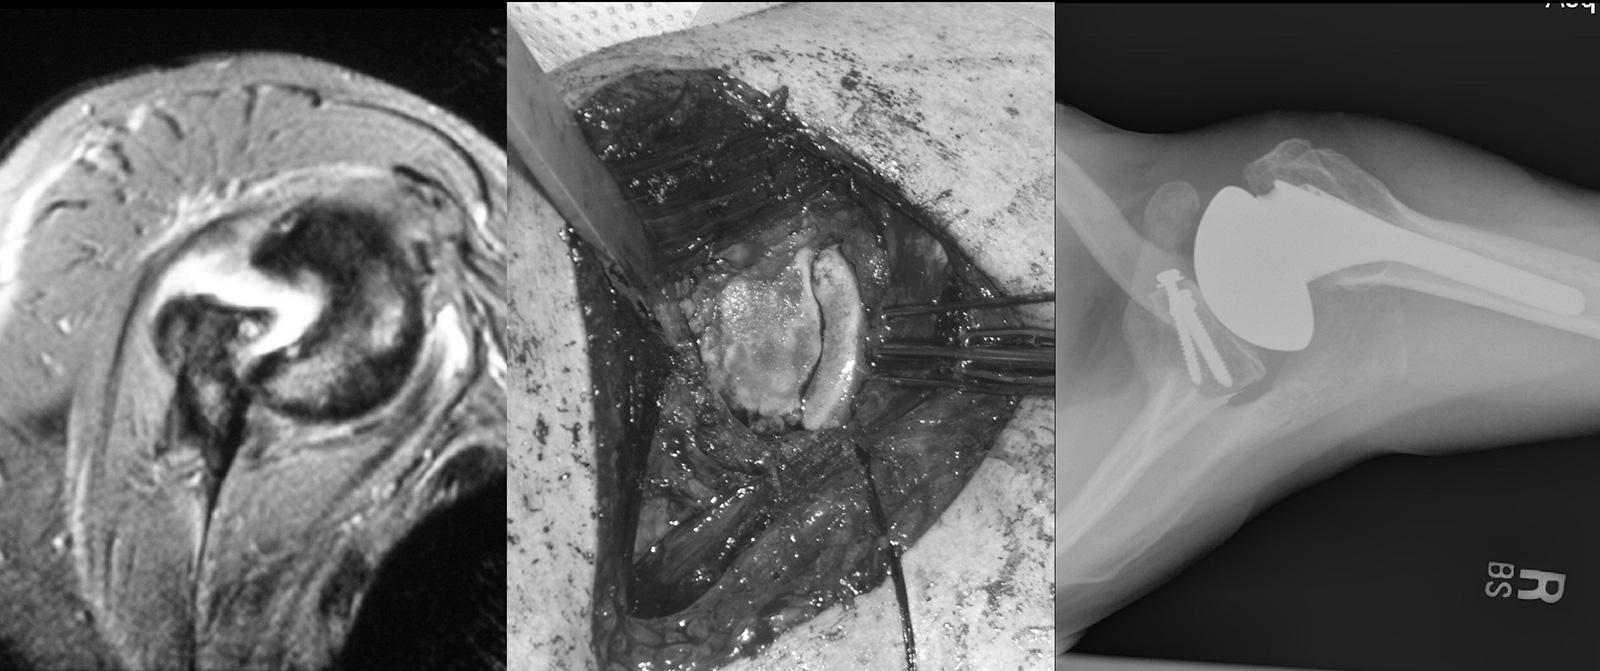 Abb. 2-37: Chronisch verhakte vordere Schulterluxation: MRT-Bildgebung (A), Rekonstruktion des anterioren Defekts mit Teilen des Humeruskopfes (B), postoperatives Röntgenbild nach Defektrekonstruktion und Schulterhemiprothese (C)